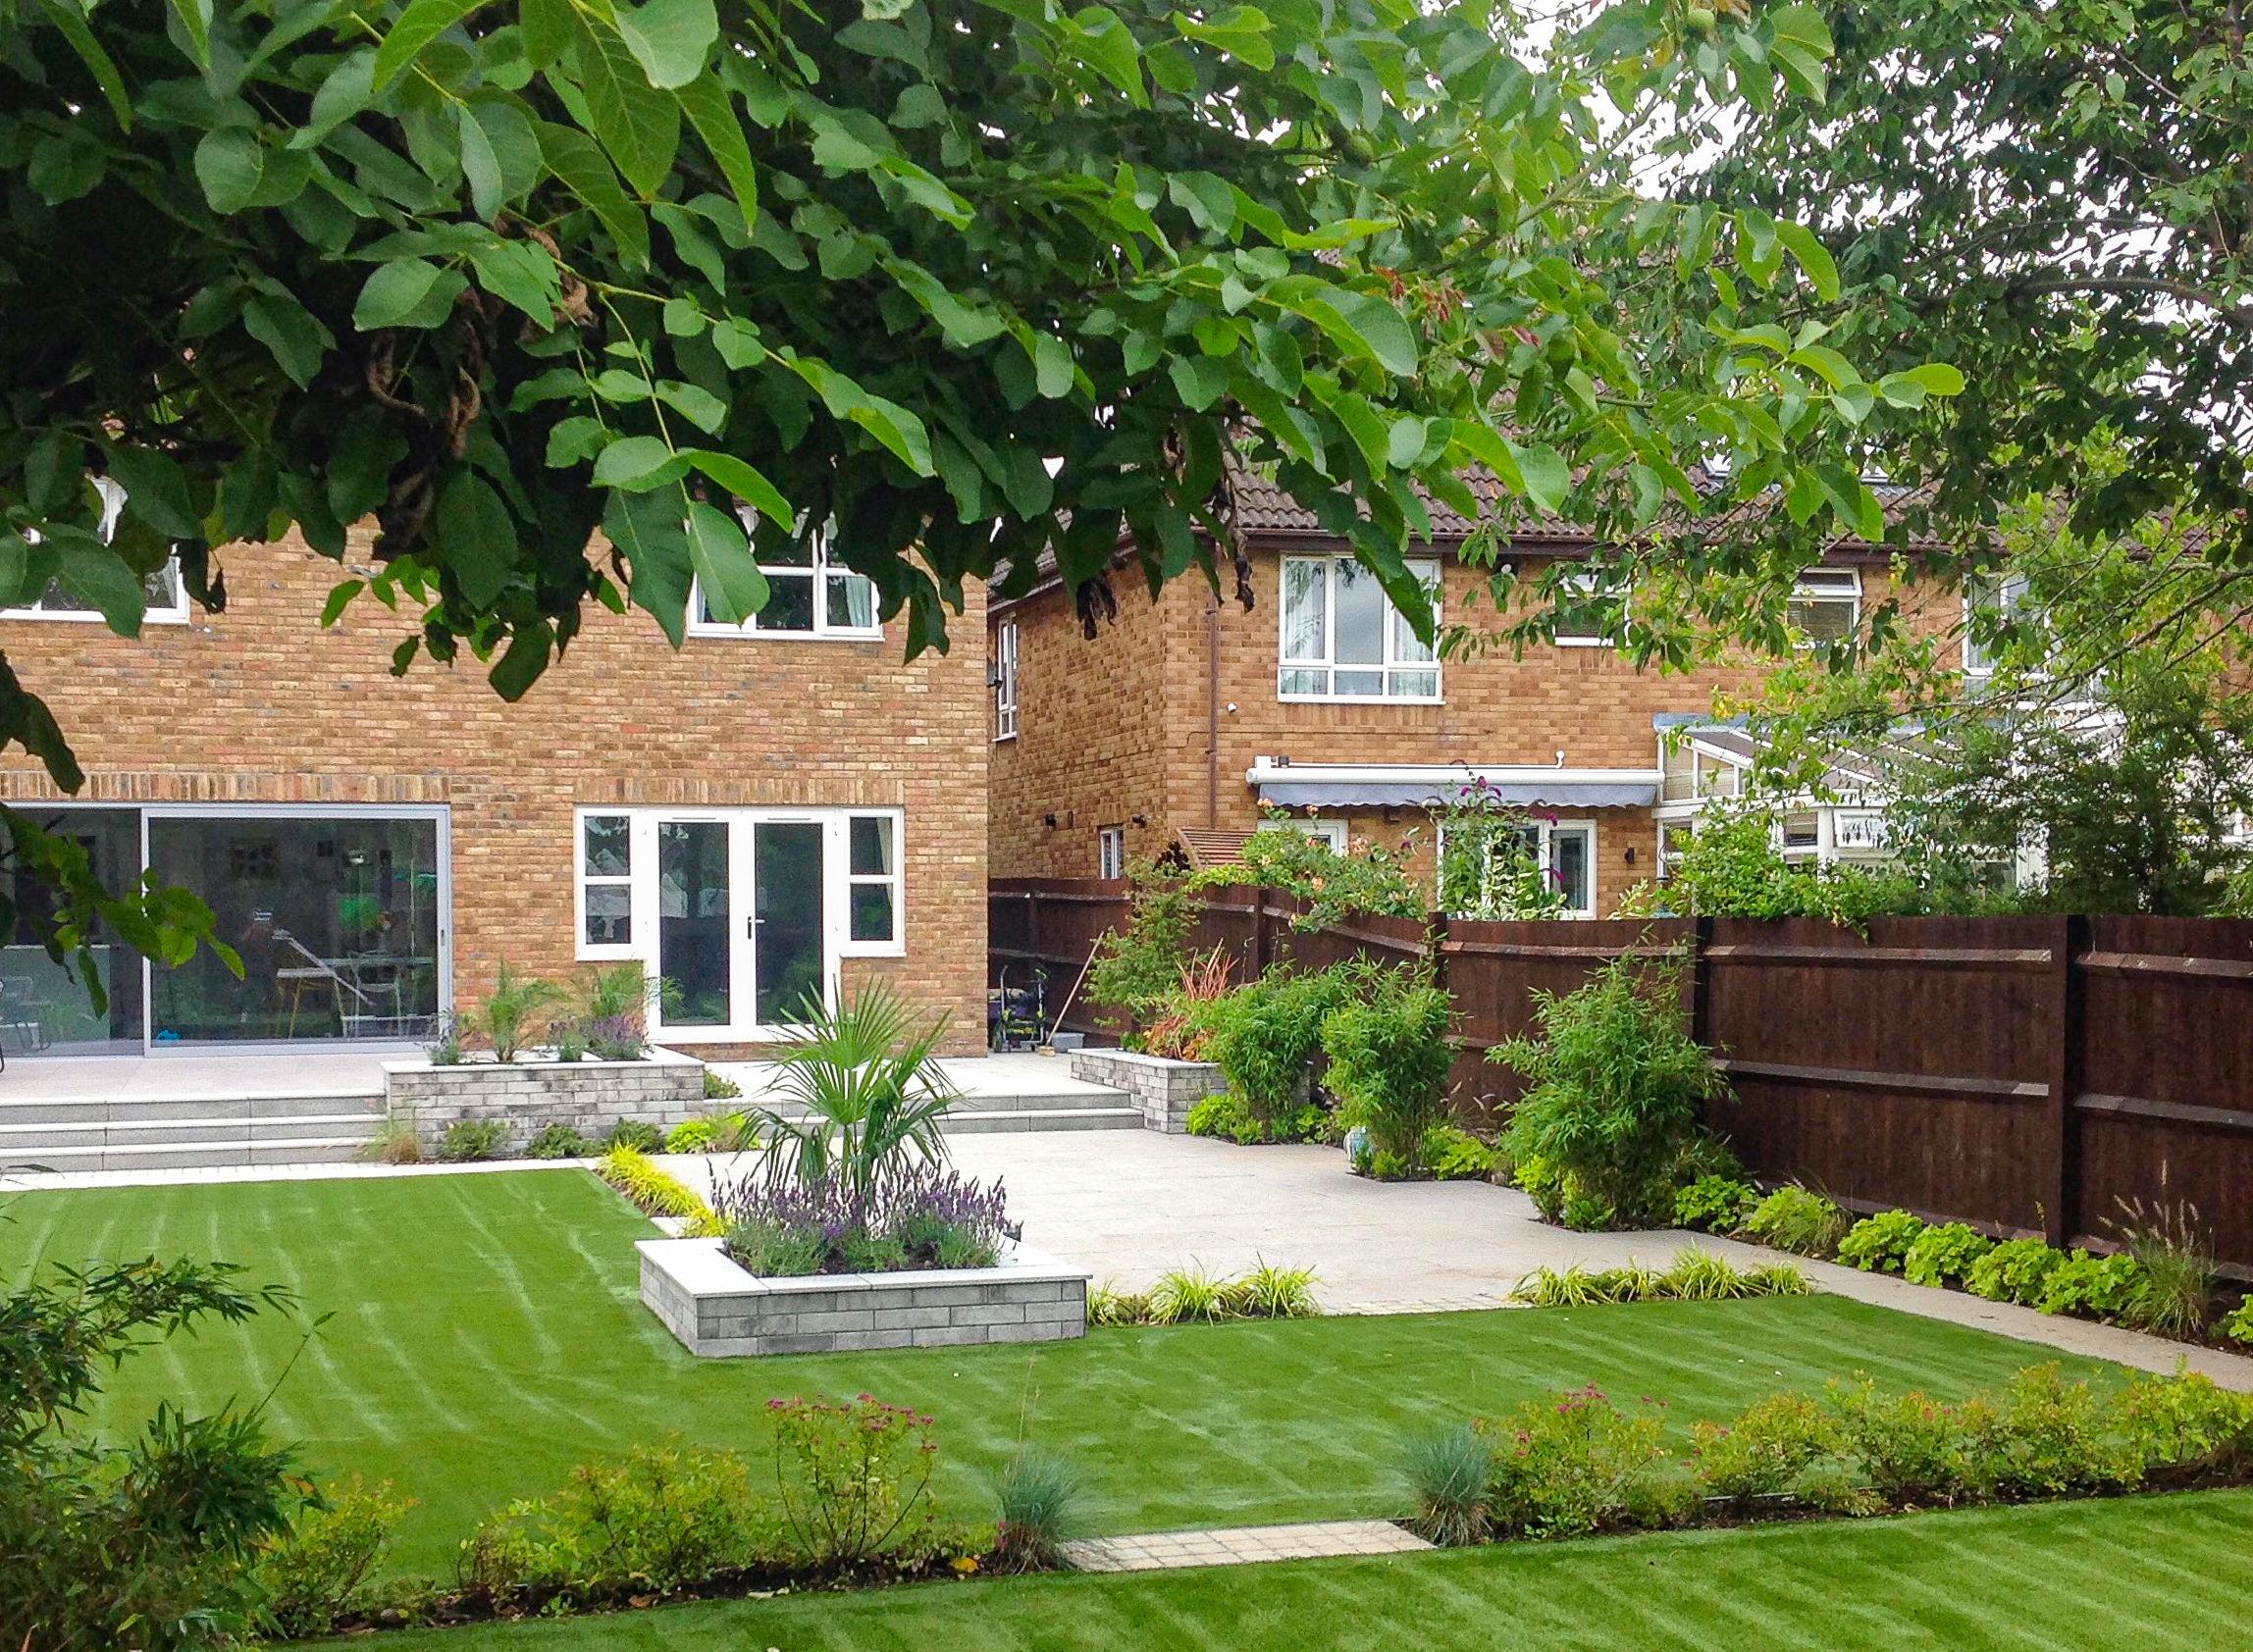 MPC - Larger family garden